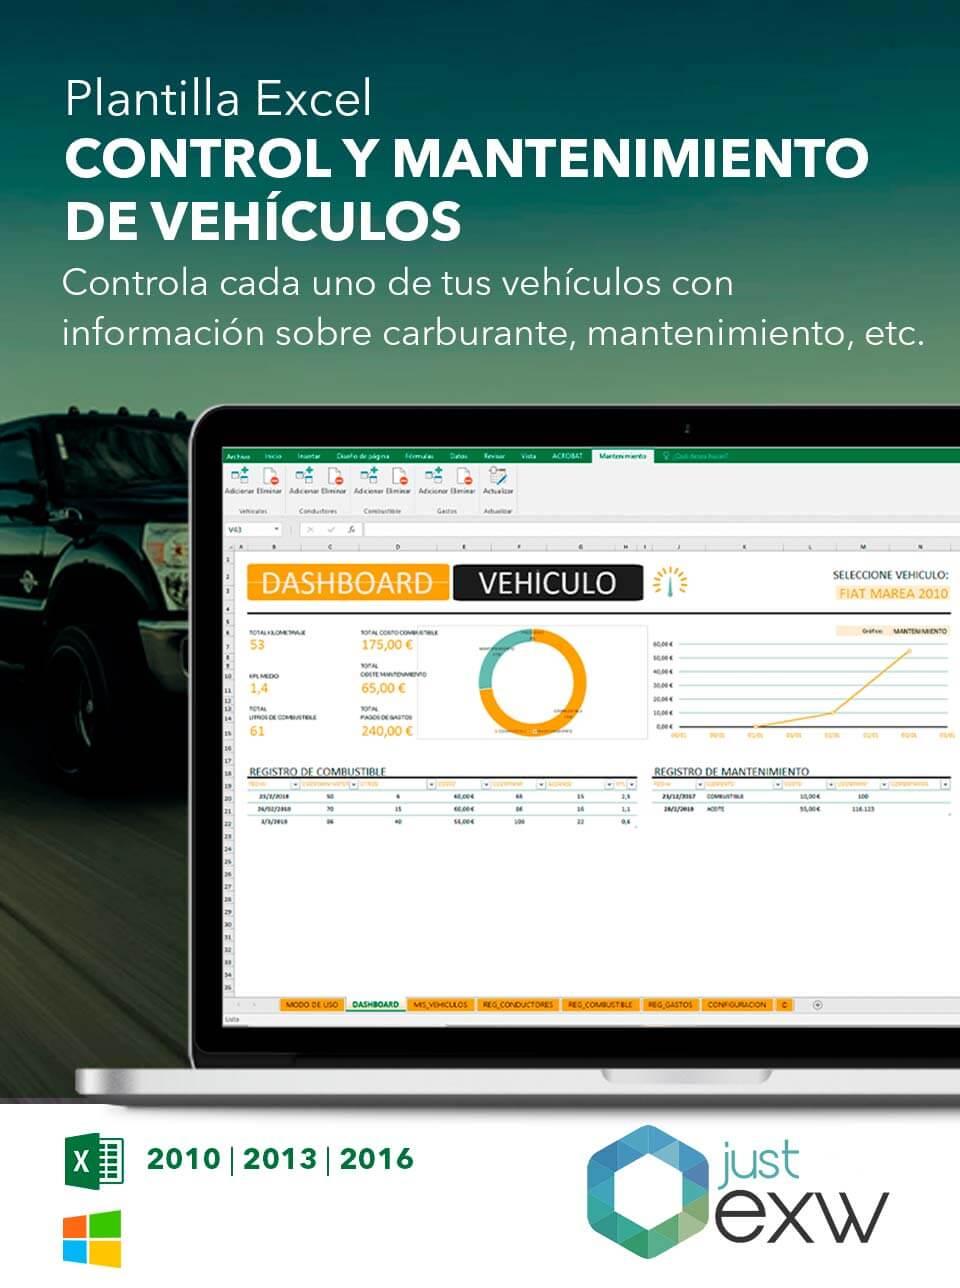 Plantilla de Mantenimiento de vehículos en Excel | Plantilla para ...